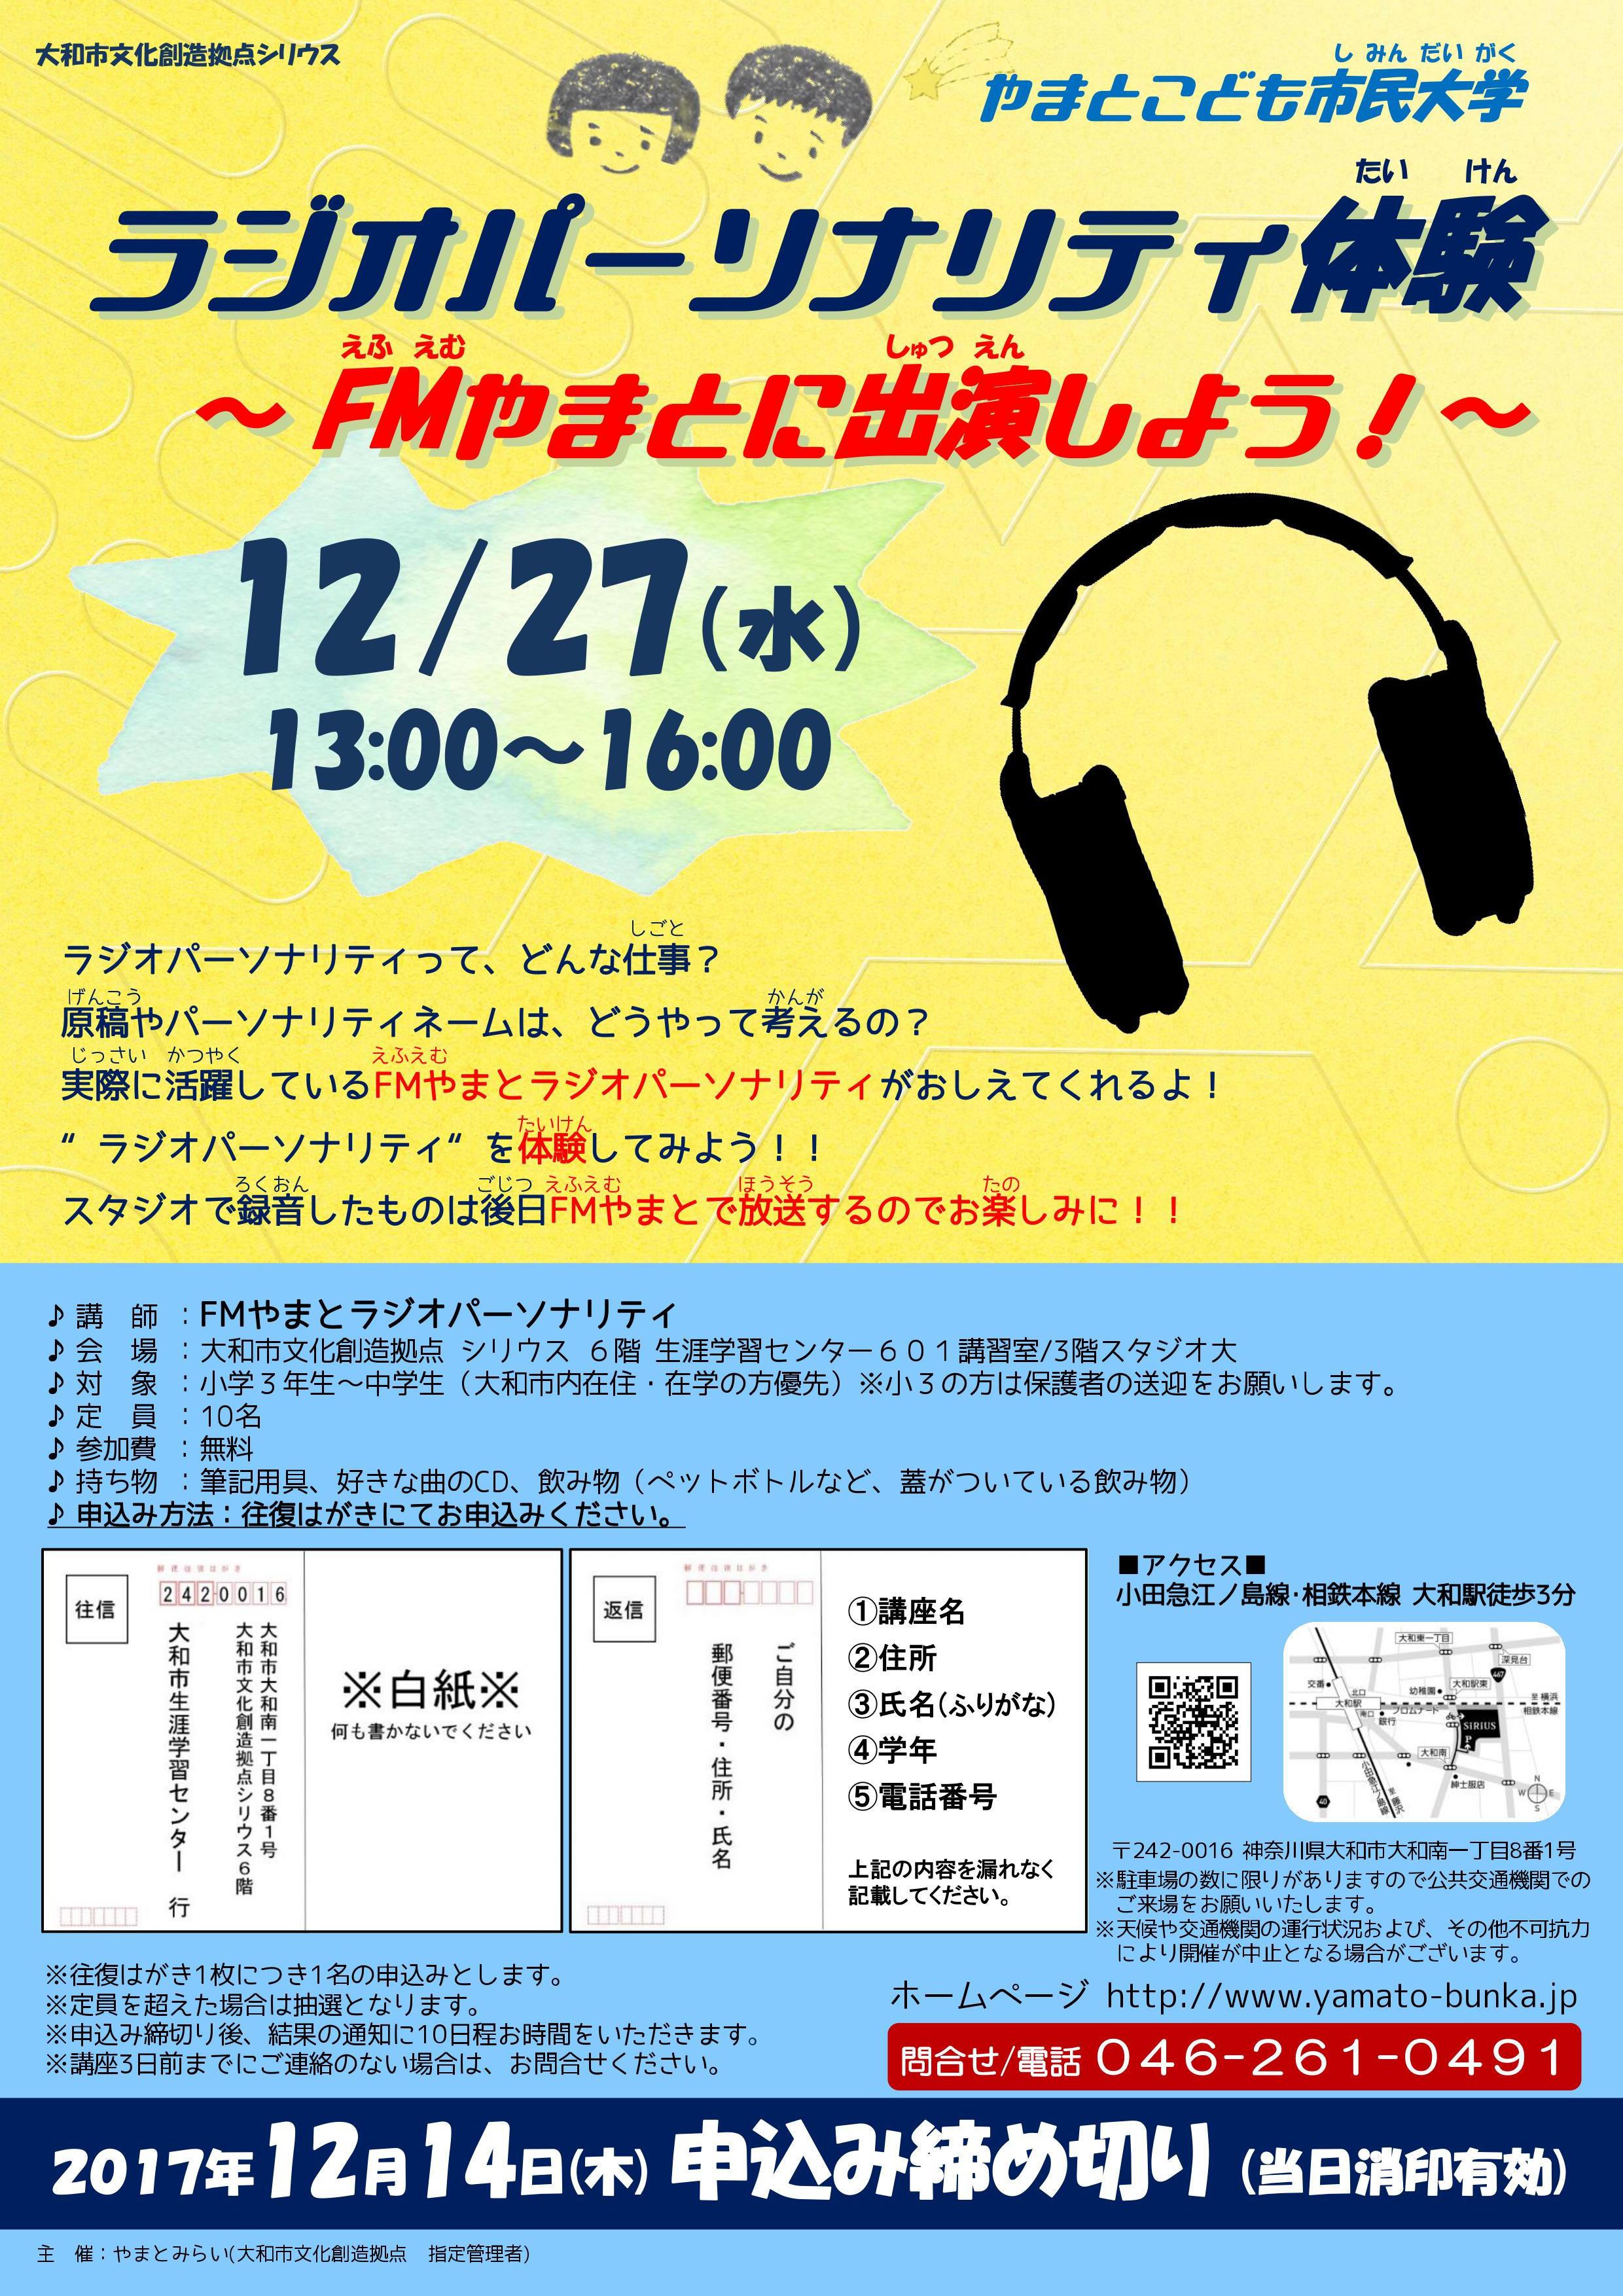 やまとこども市民大学 ラジオパーソナリティ体験~FMやまとに出演しよう!~